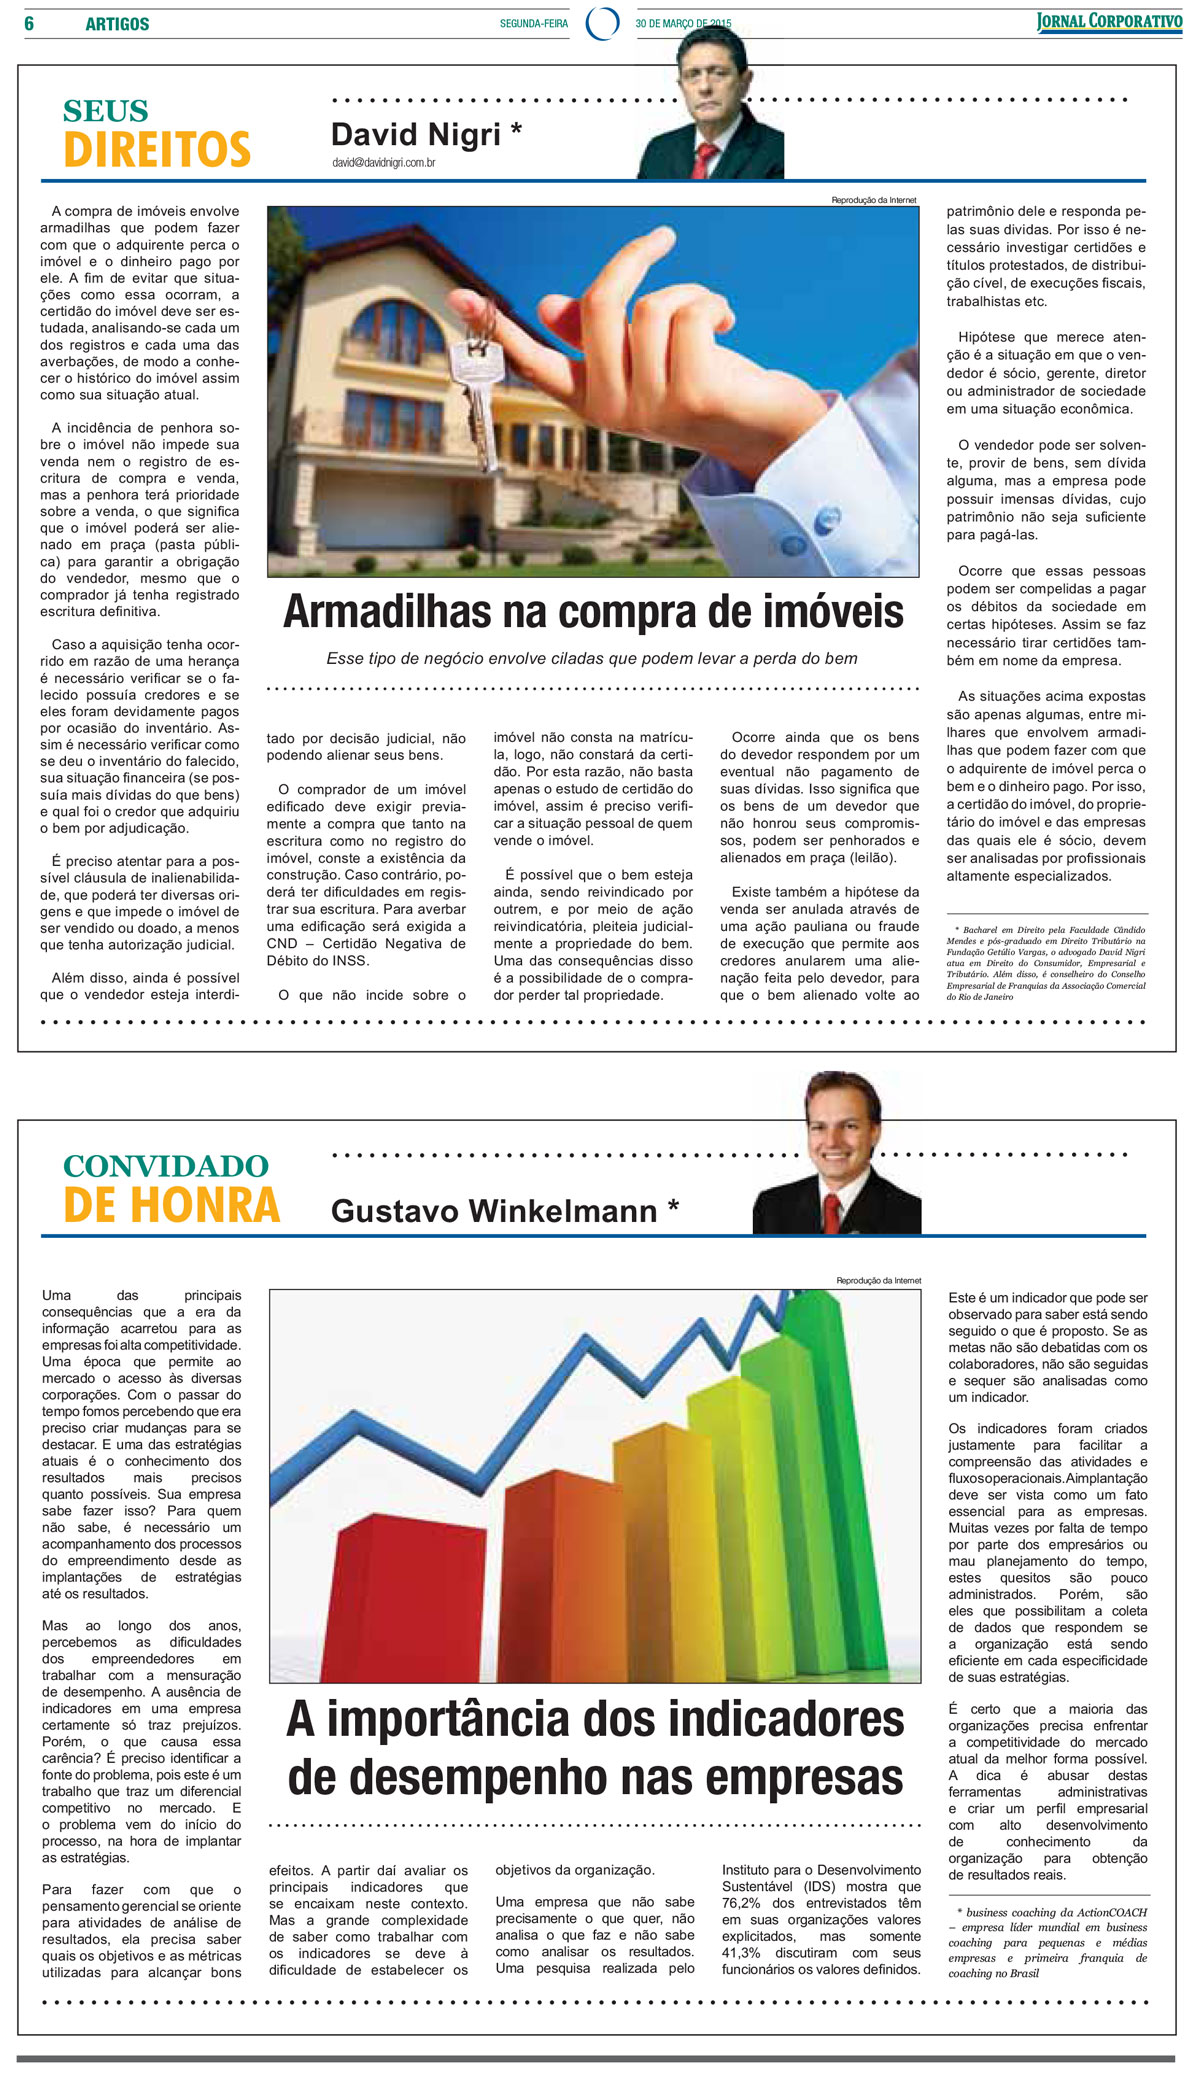 armadilhas_corporativo